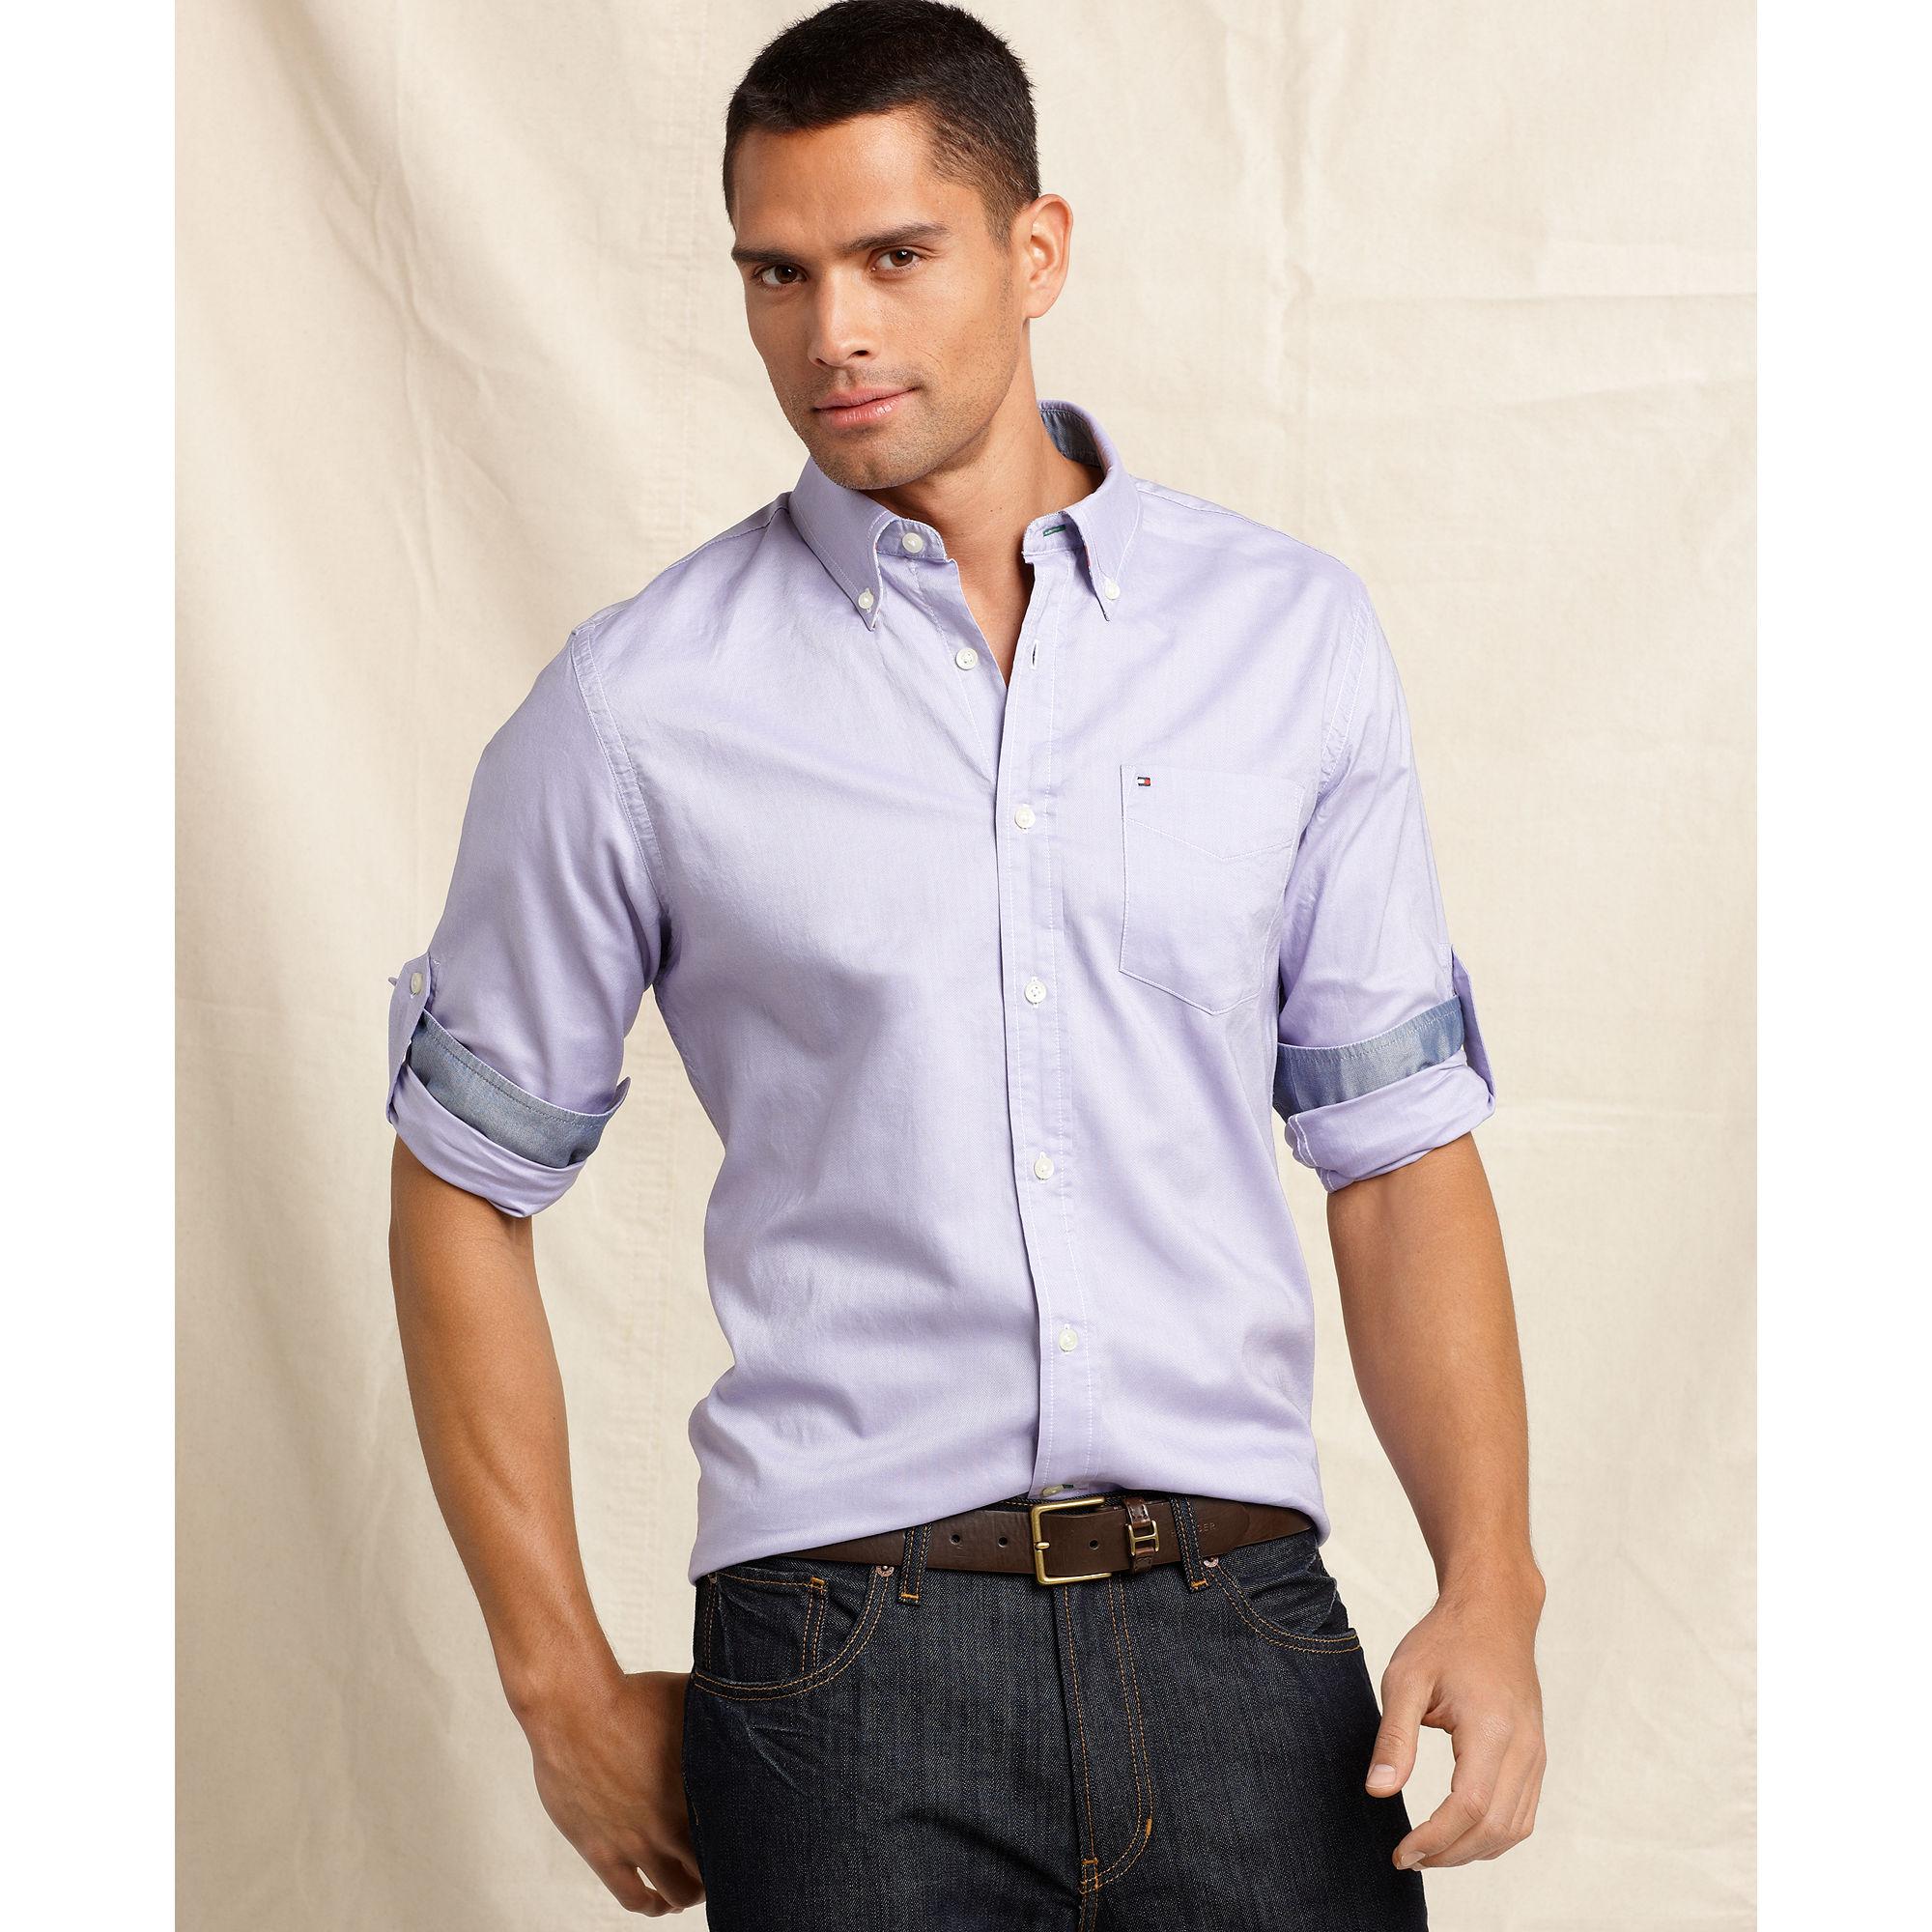 tommy hilfiger long sleeve slim fit cornell shirt in. Black Bedroom Furniture Sets. Home Design Ideas